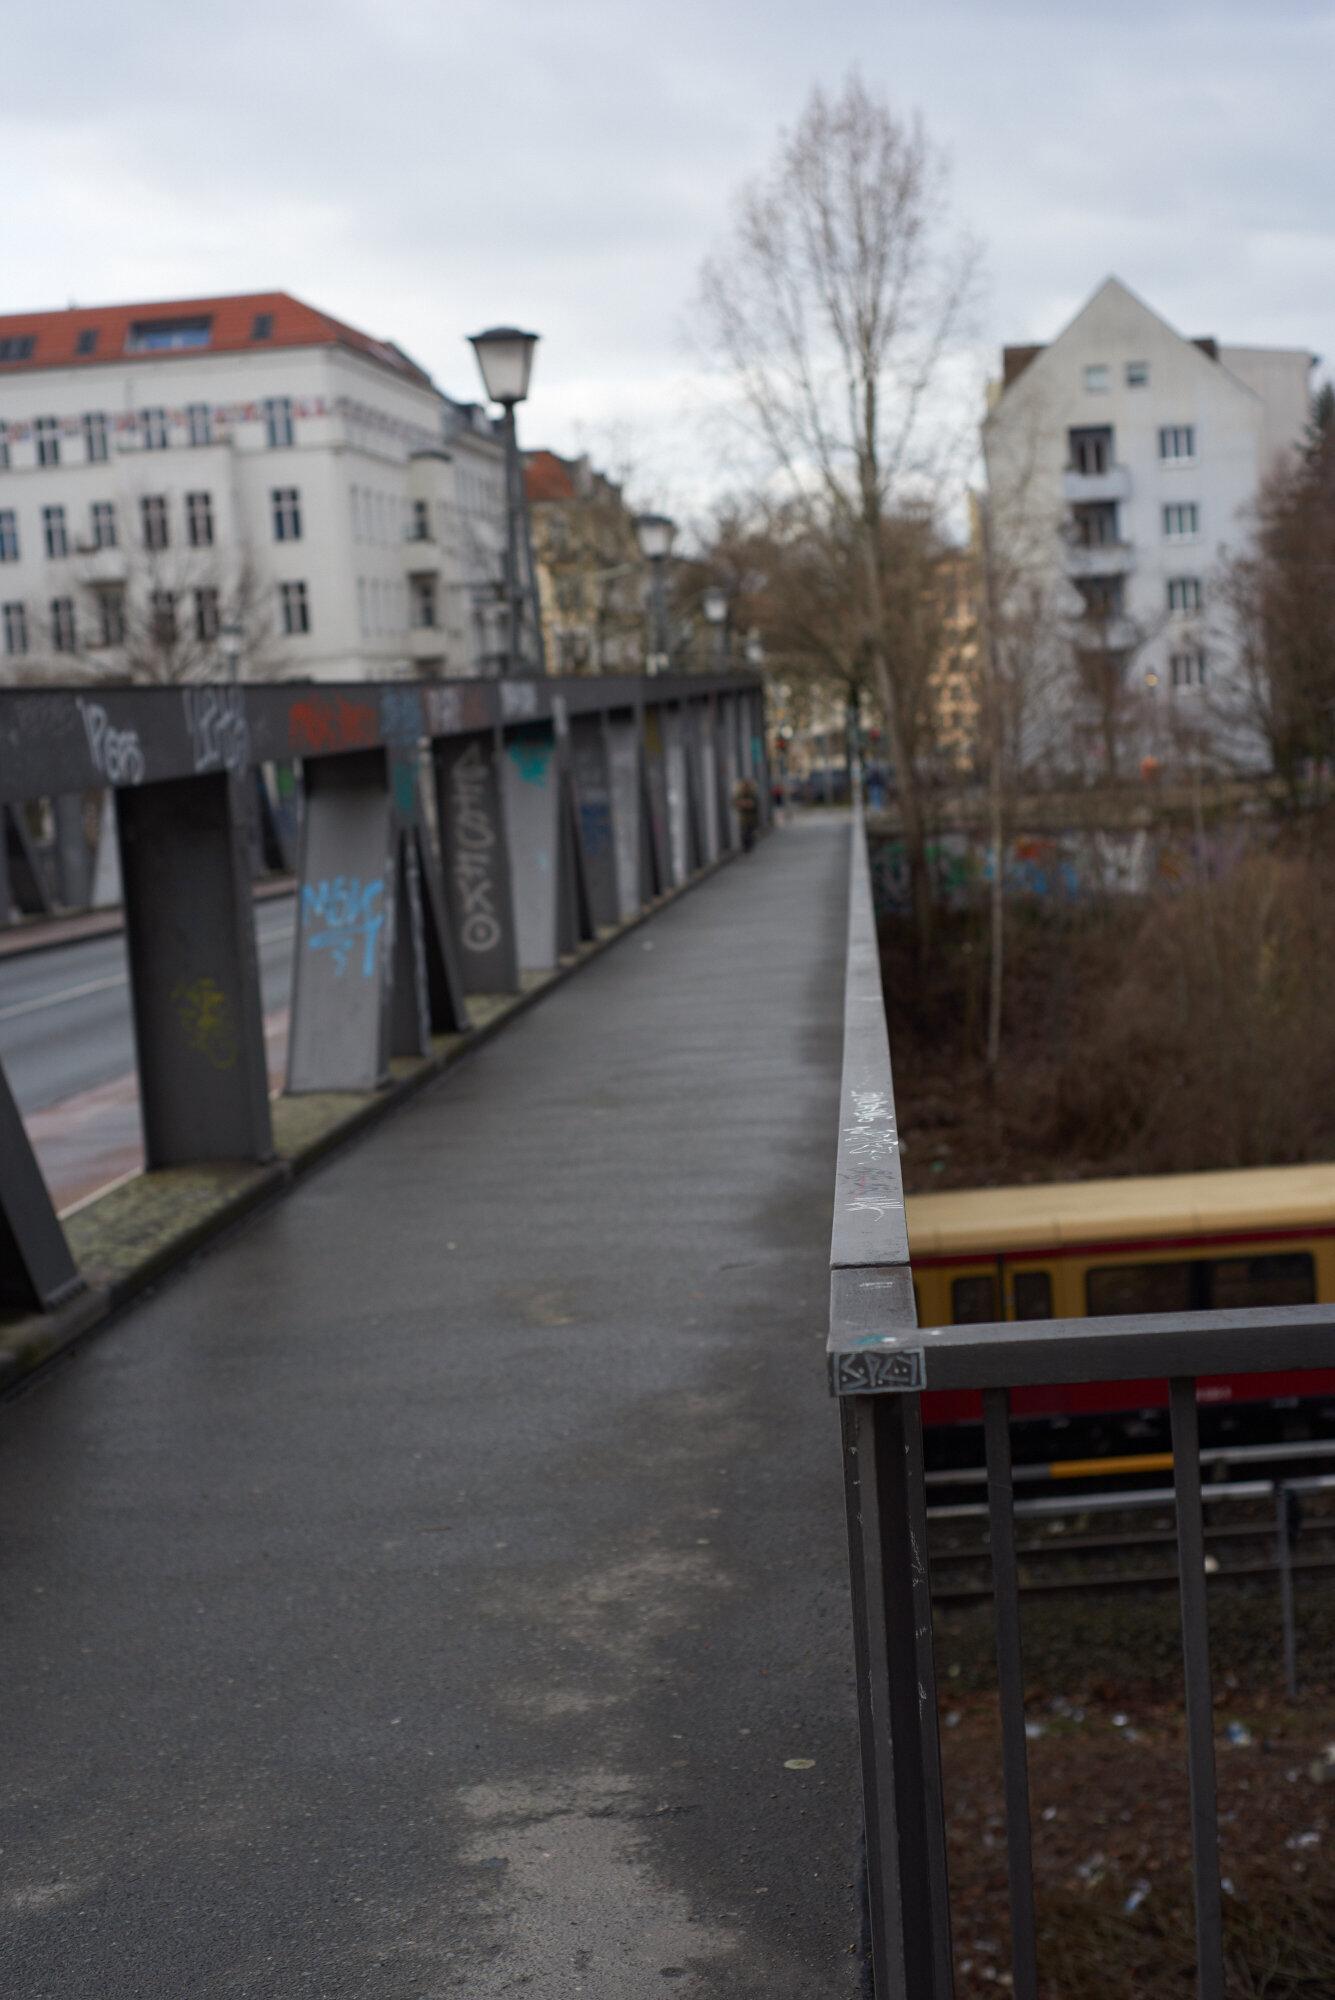 A bridge_066.jpg